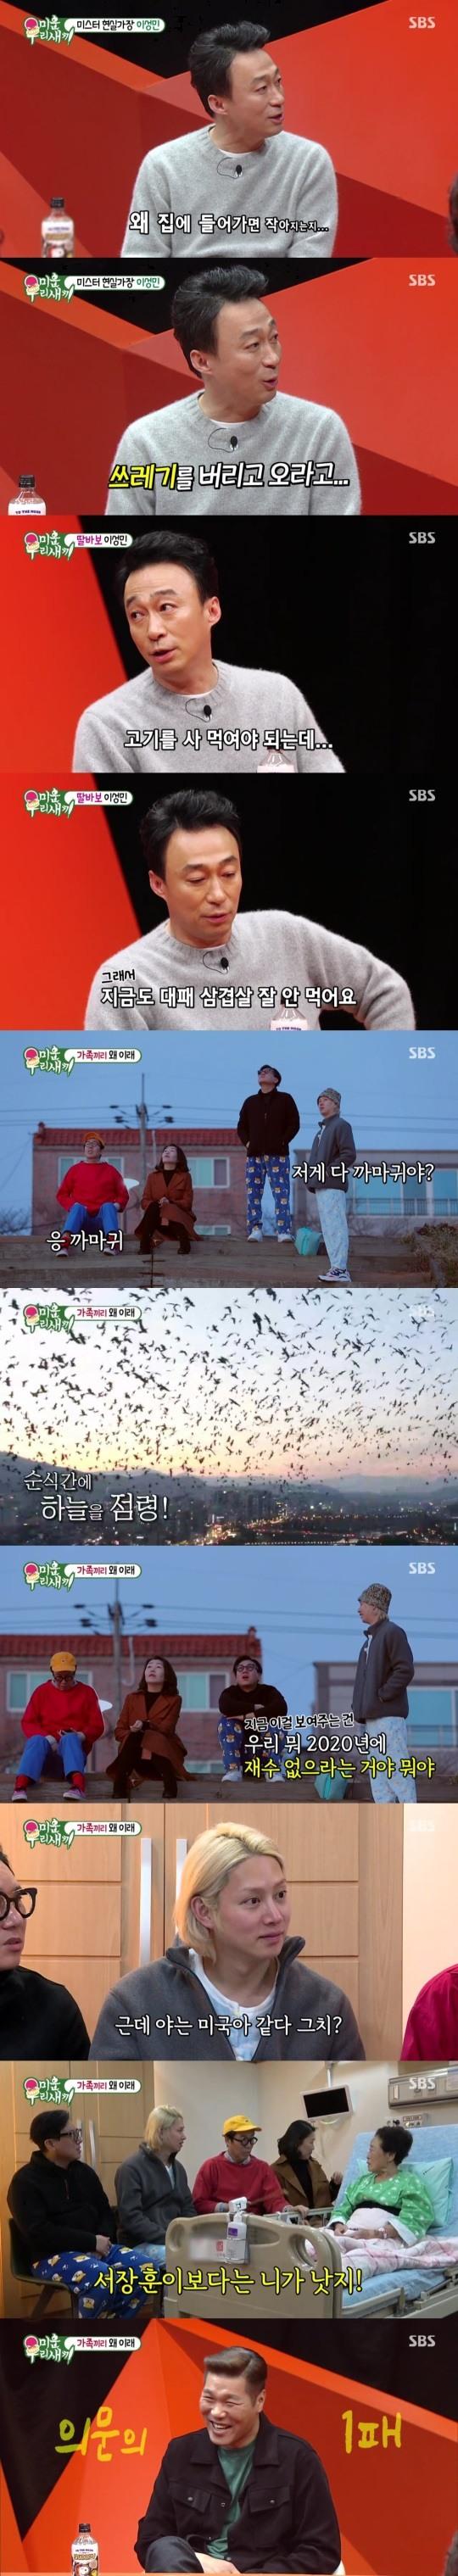 '미우새' 김희철X이상민, 까마귀떼 진풍경 목격→음문석 짠내 가득 연기대상 뒷이야기